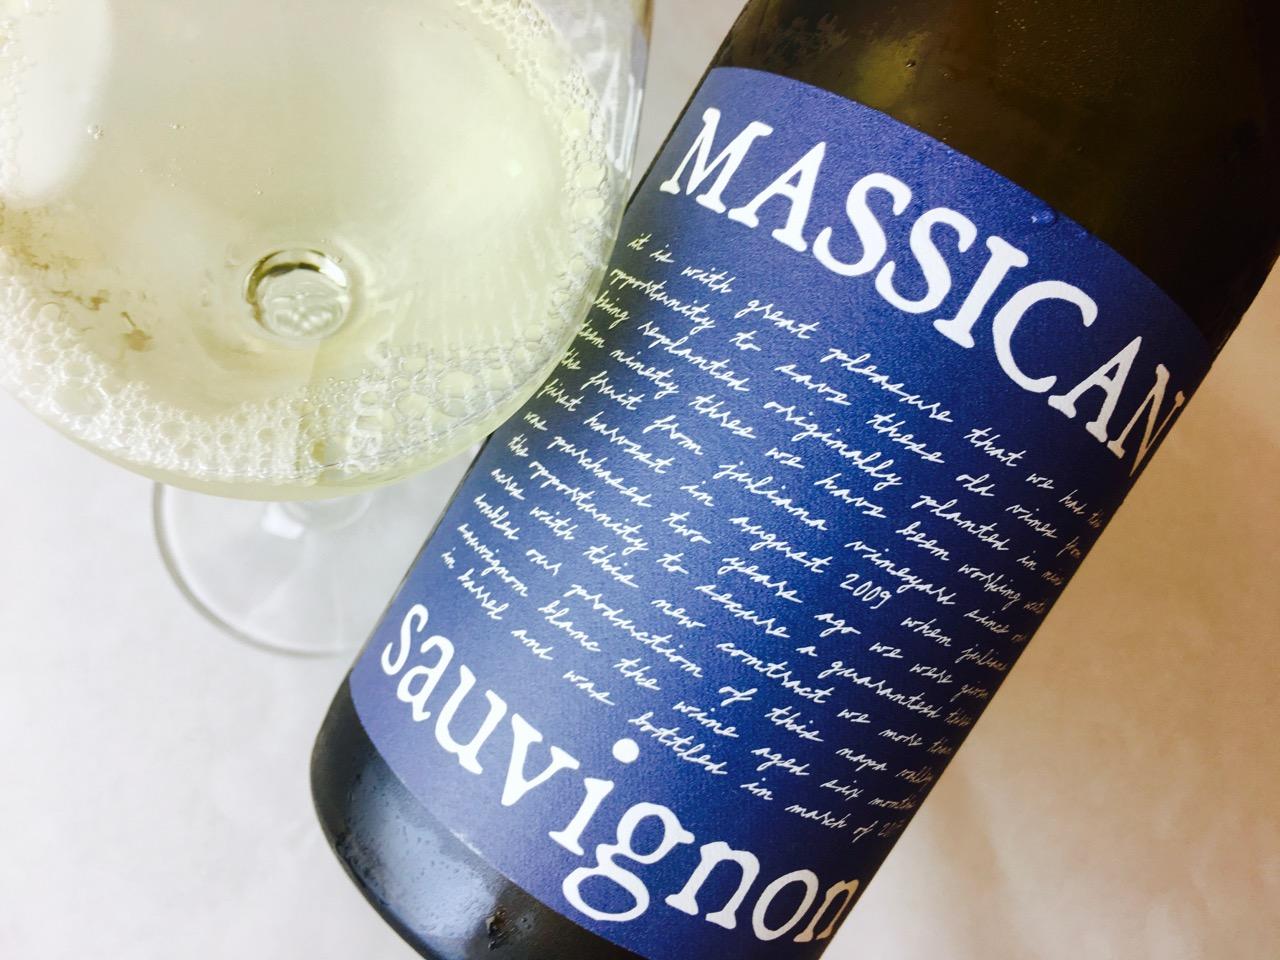 2016 Massican Sauvignon Blanc Napa Valley